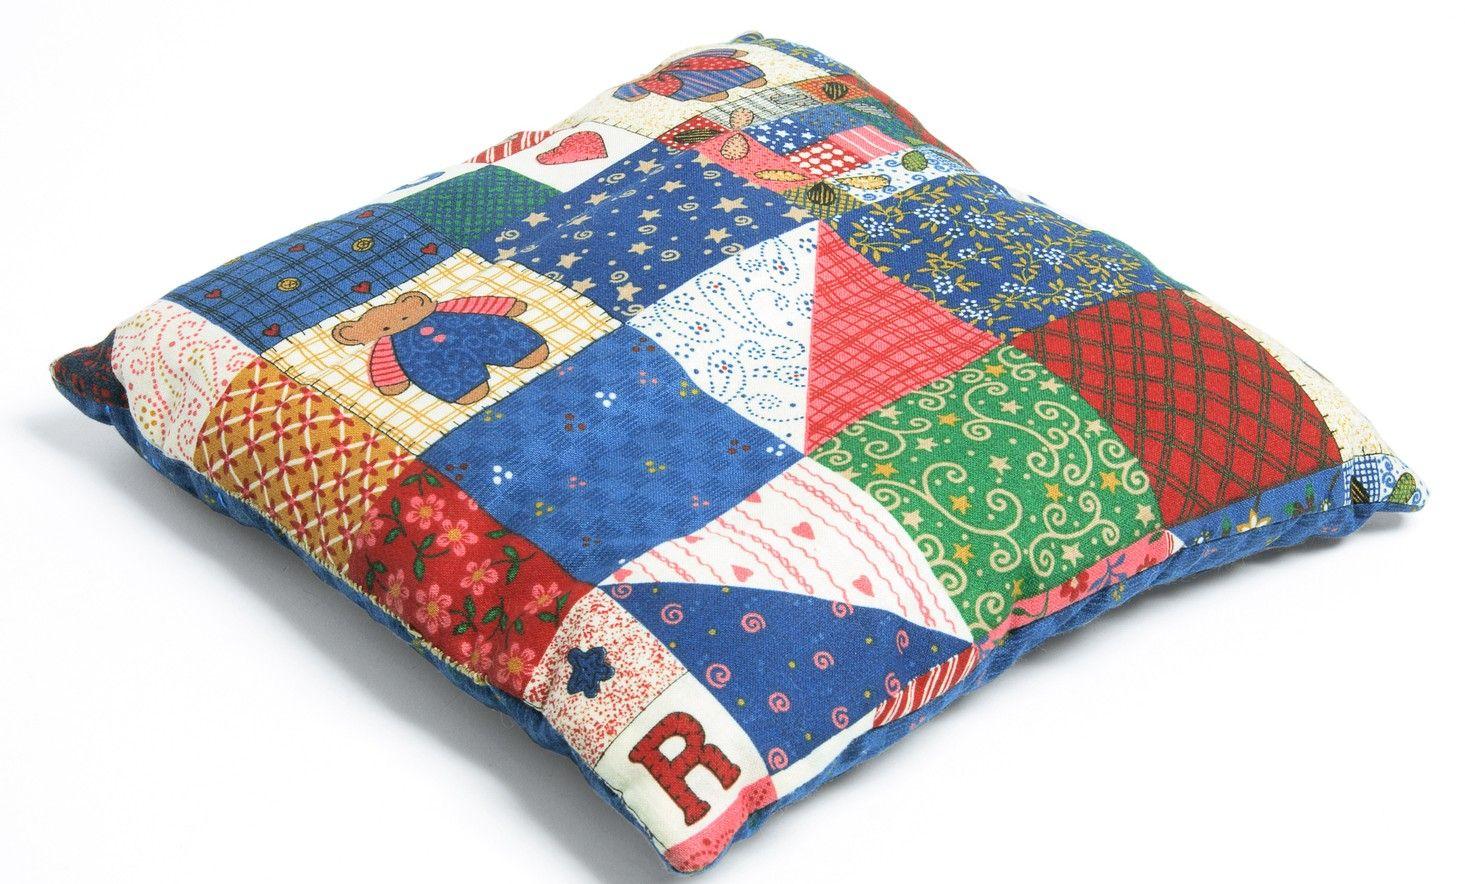 Cómo hacer cojines de patchwork | Patchwork